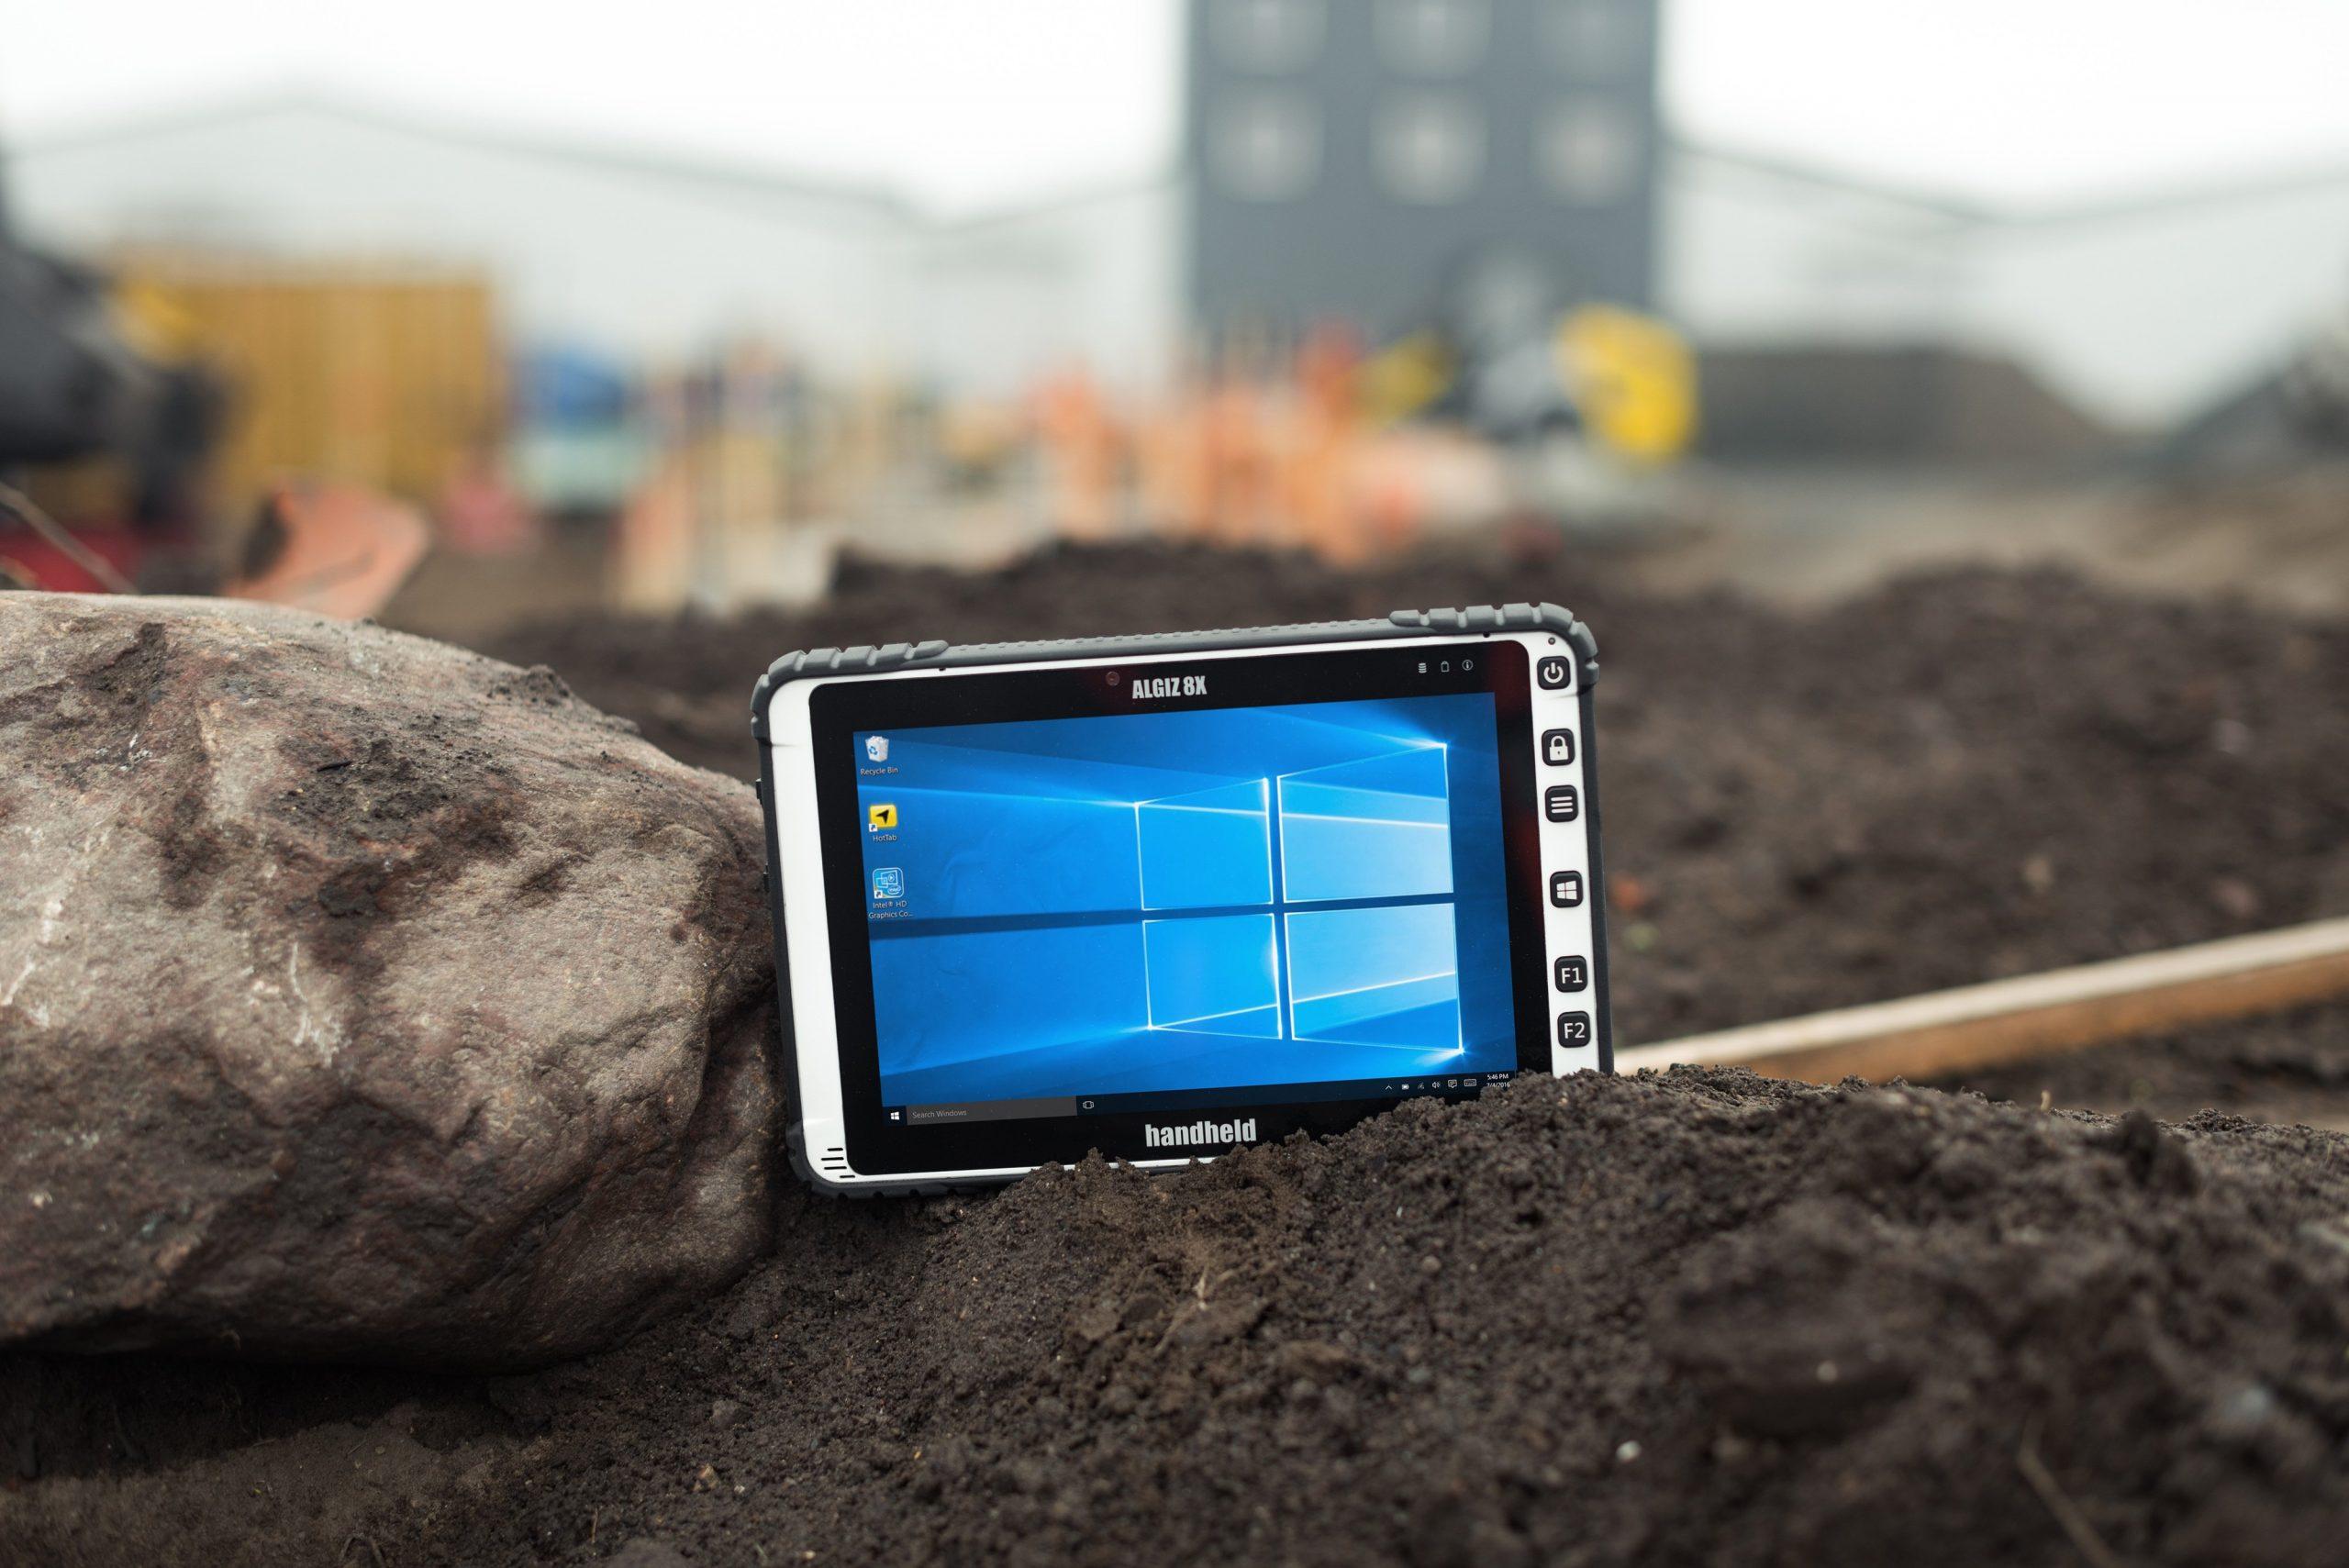 immagine del Tablet Handheld Algiz 8X